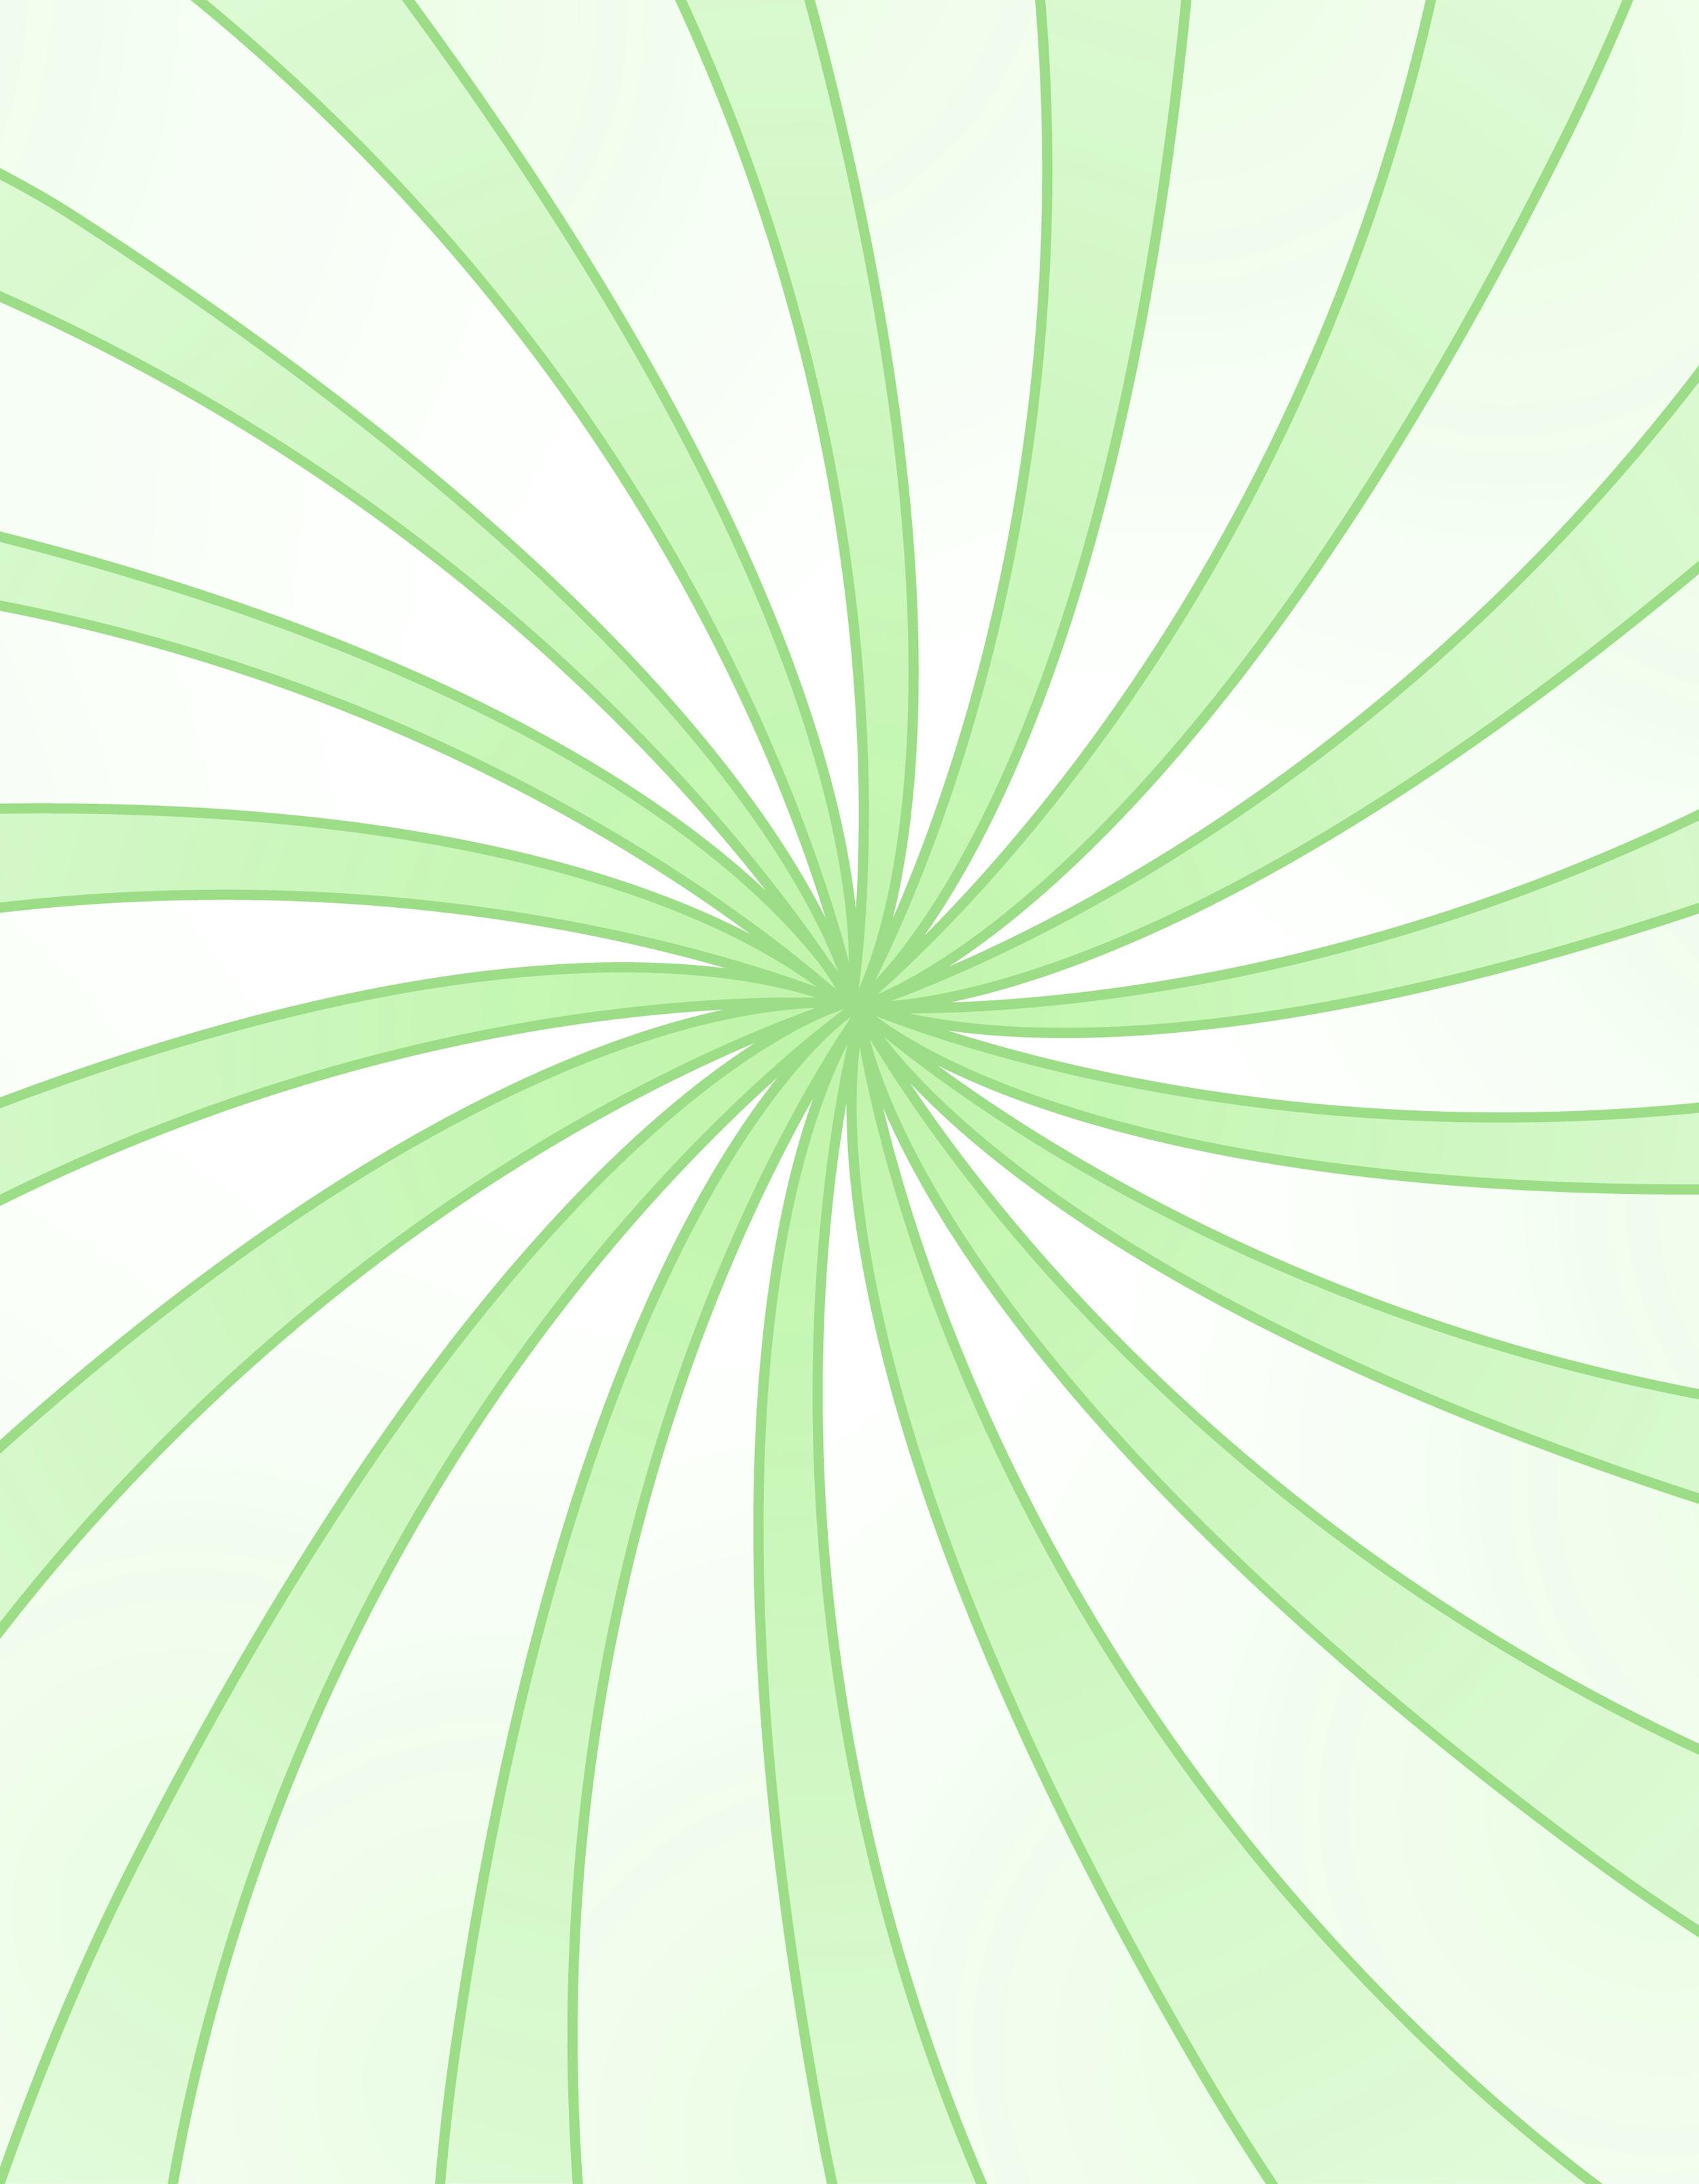 Bursts and Swirls - B2739S